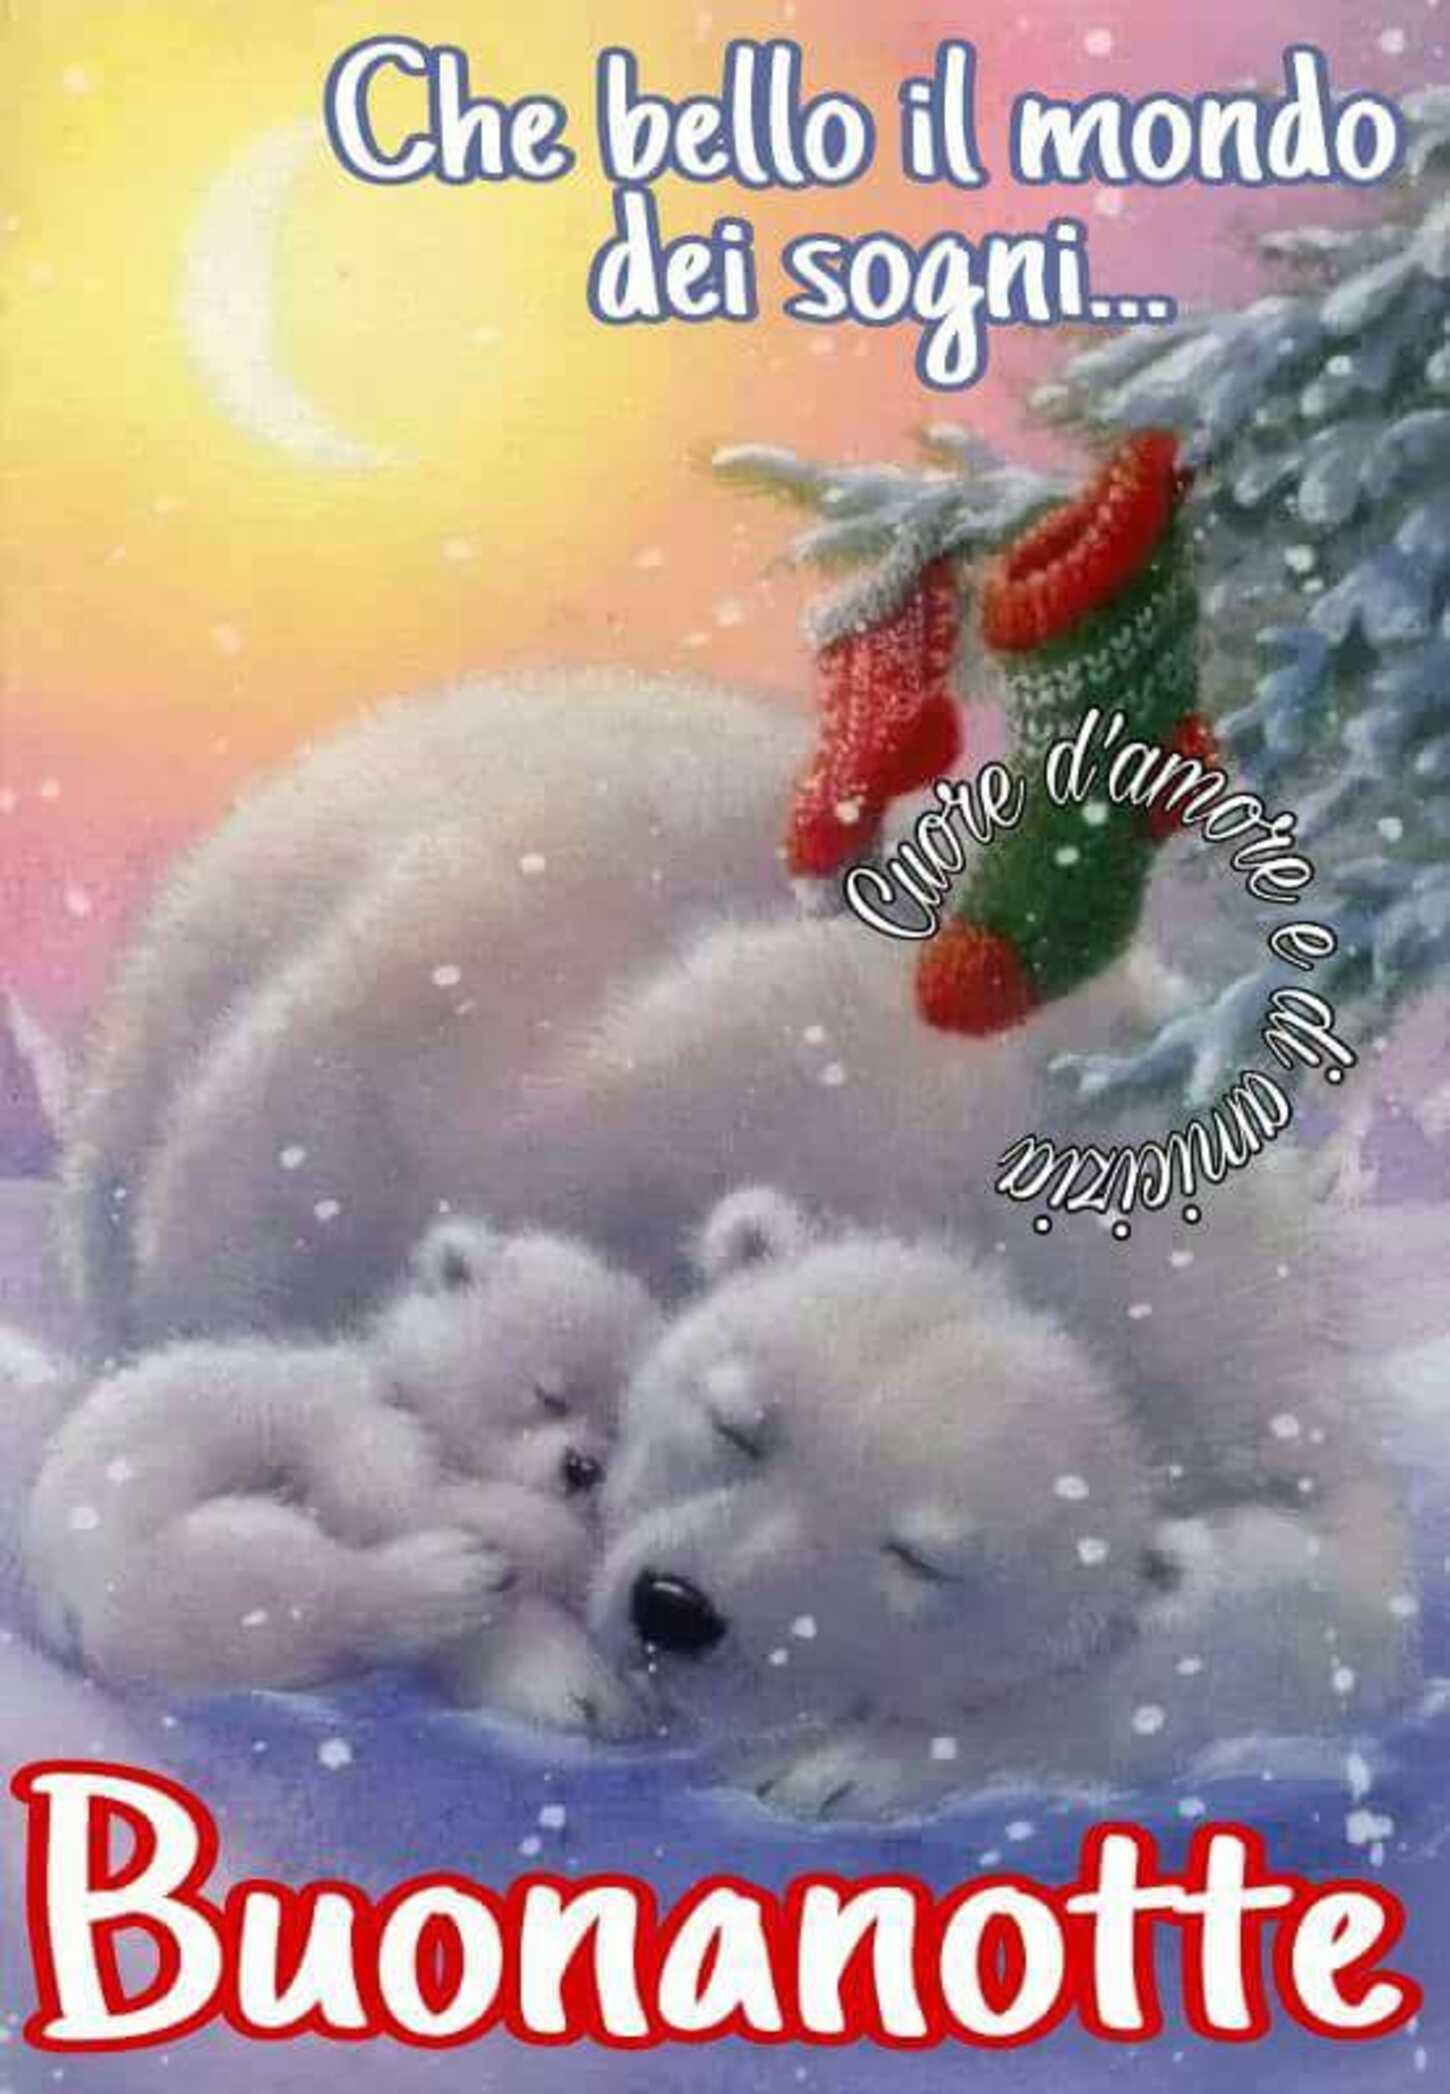 Che bello il mondo dei sogni... Buonanotte immagini di Natale